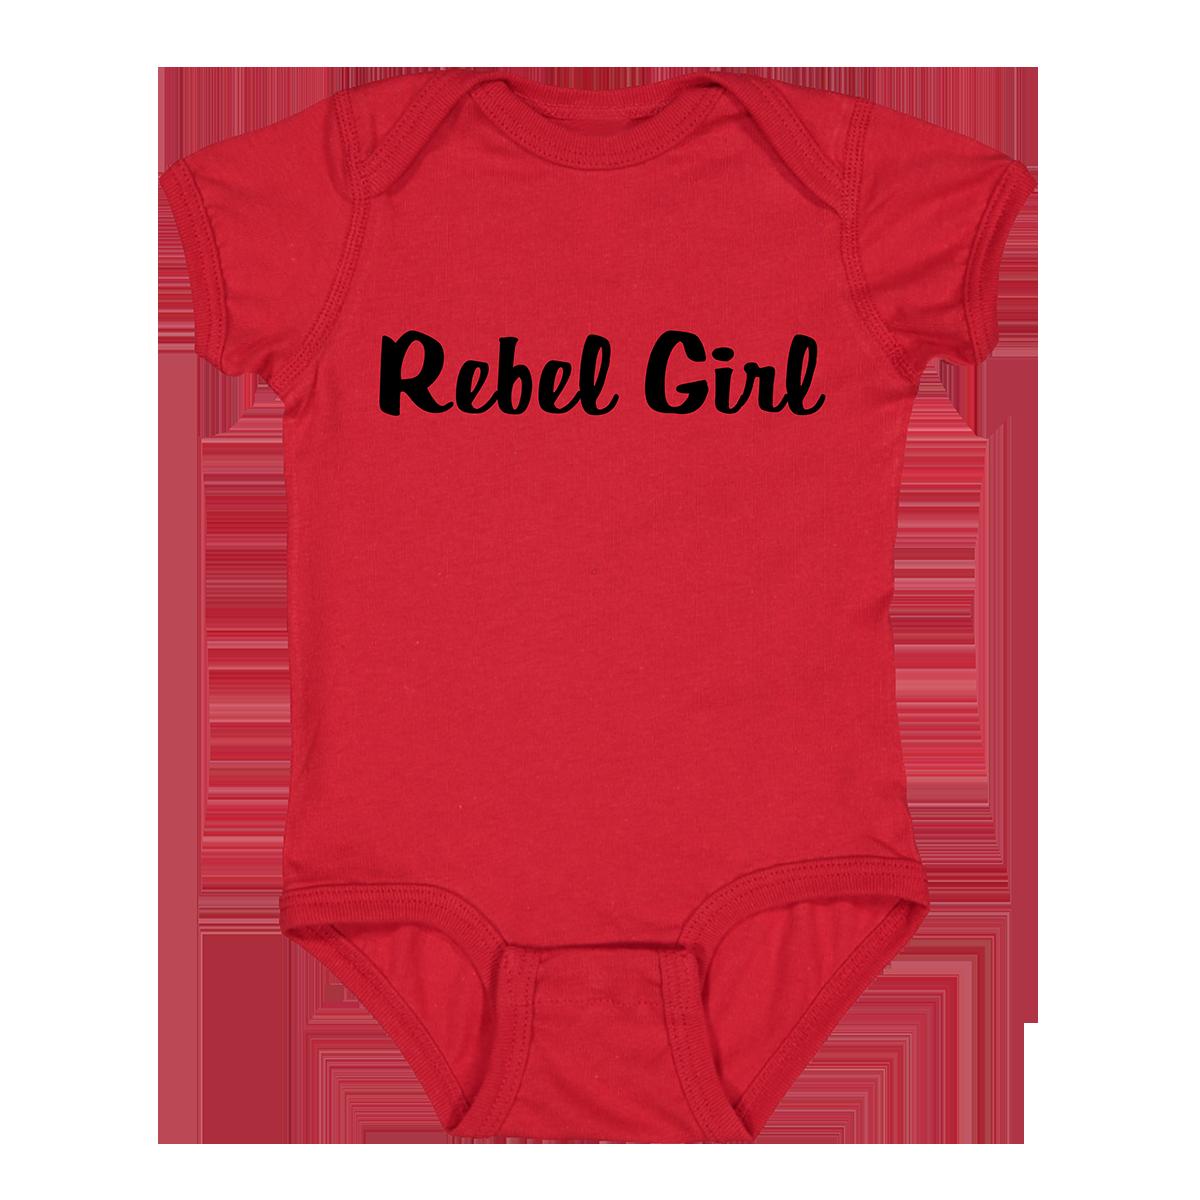 Rebel Girl Onesie - Red